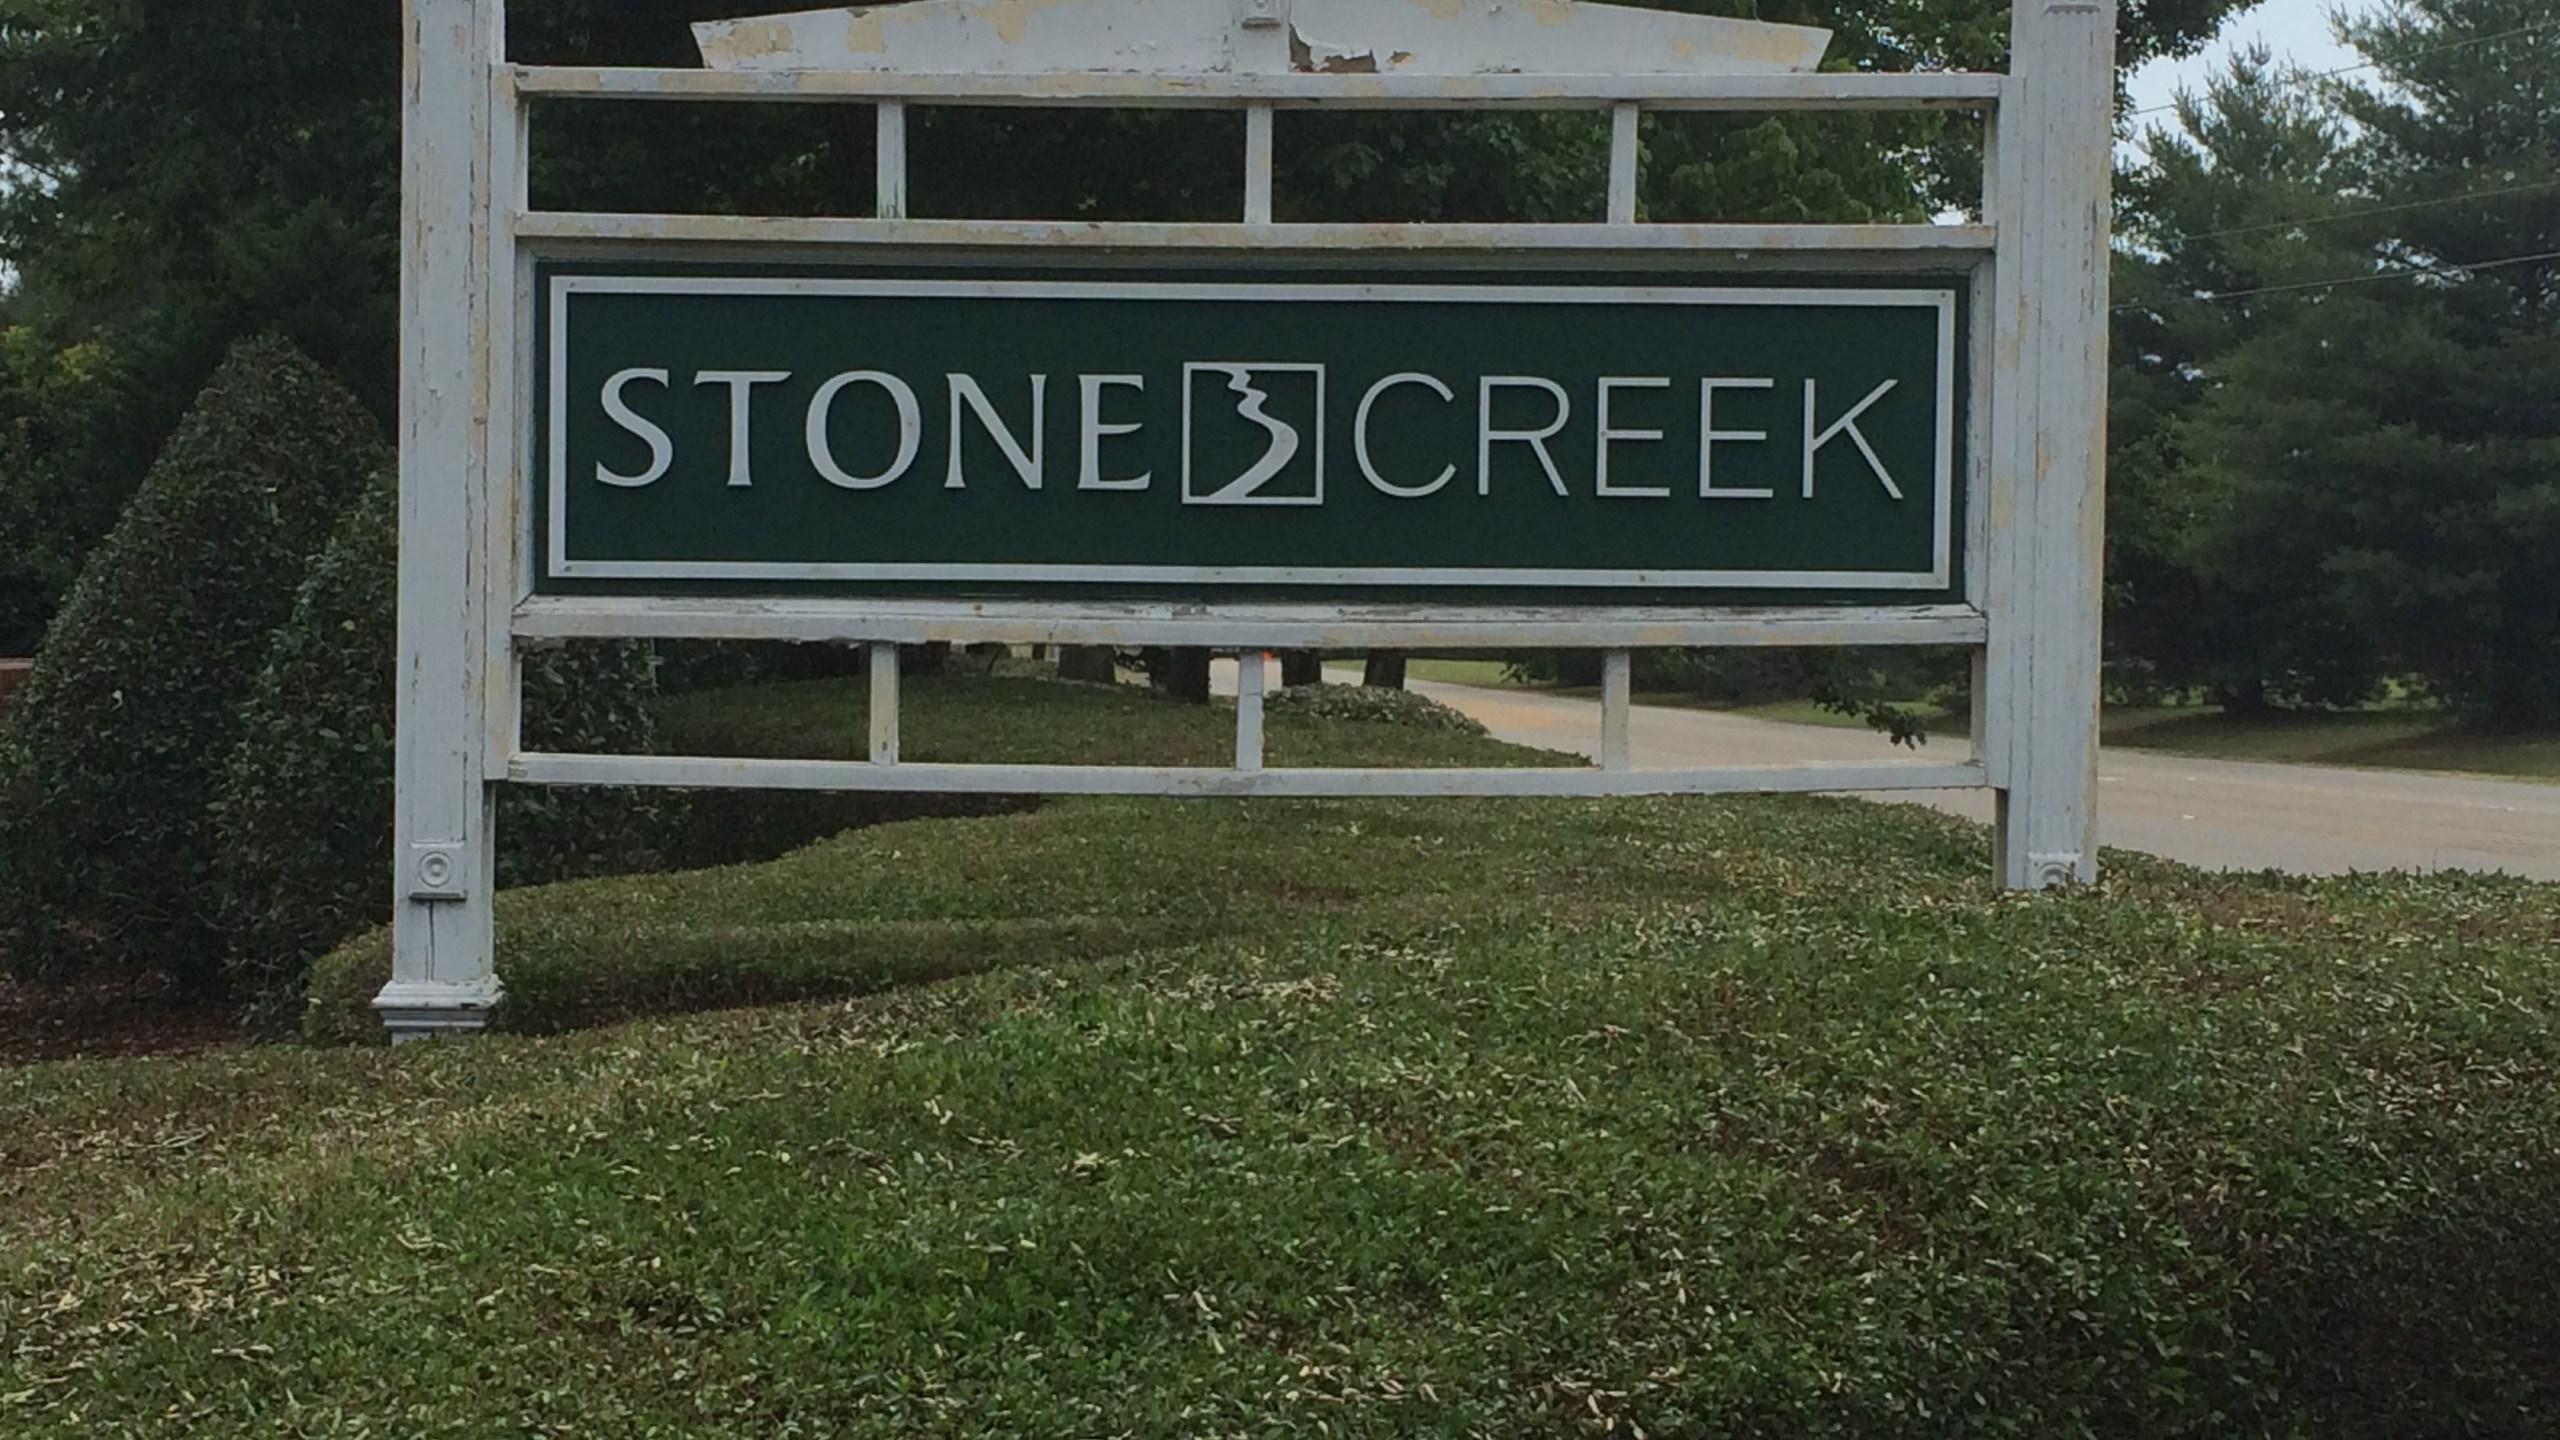 StoneCreek_174510